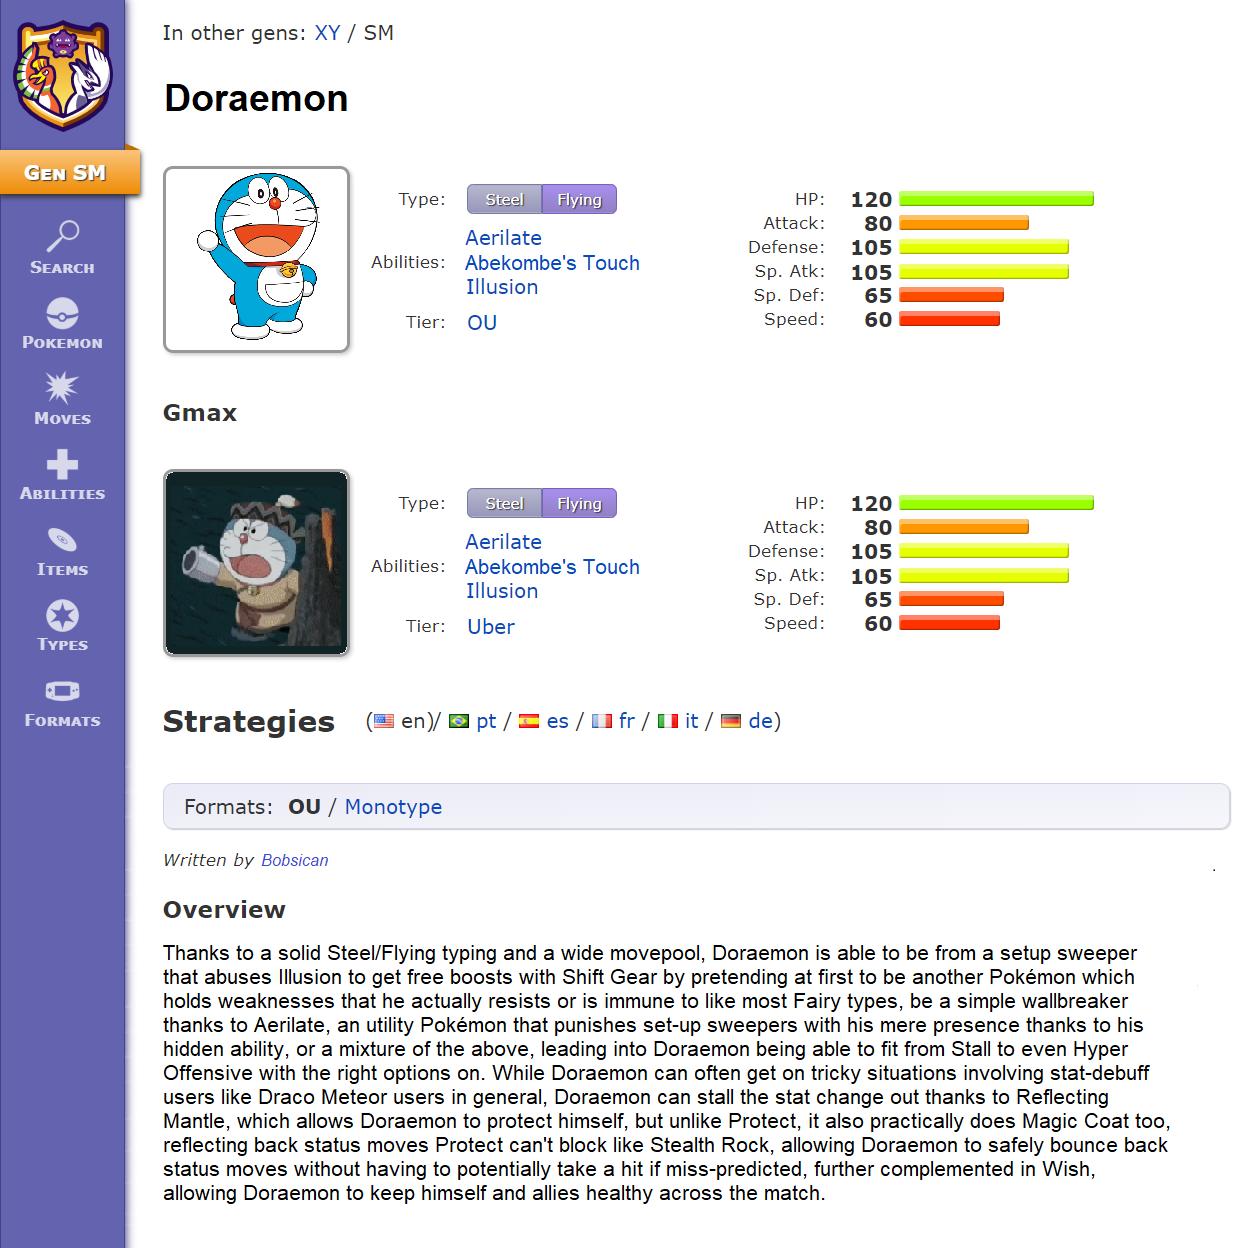 Doraemon the ou staller.png